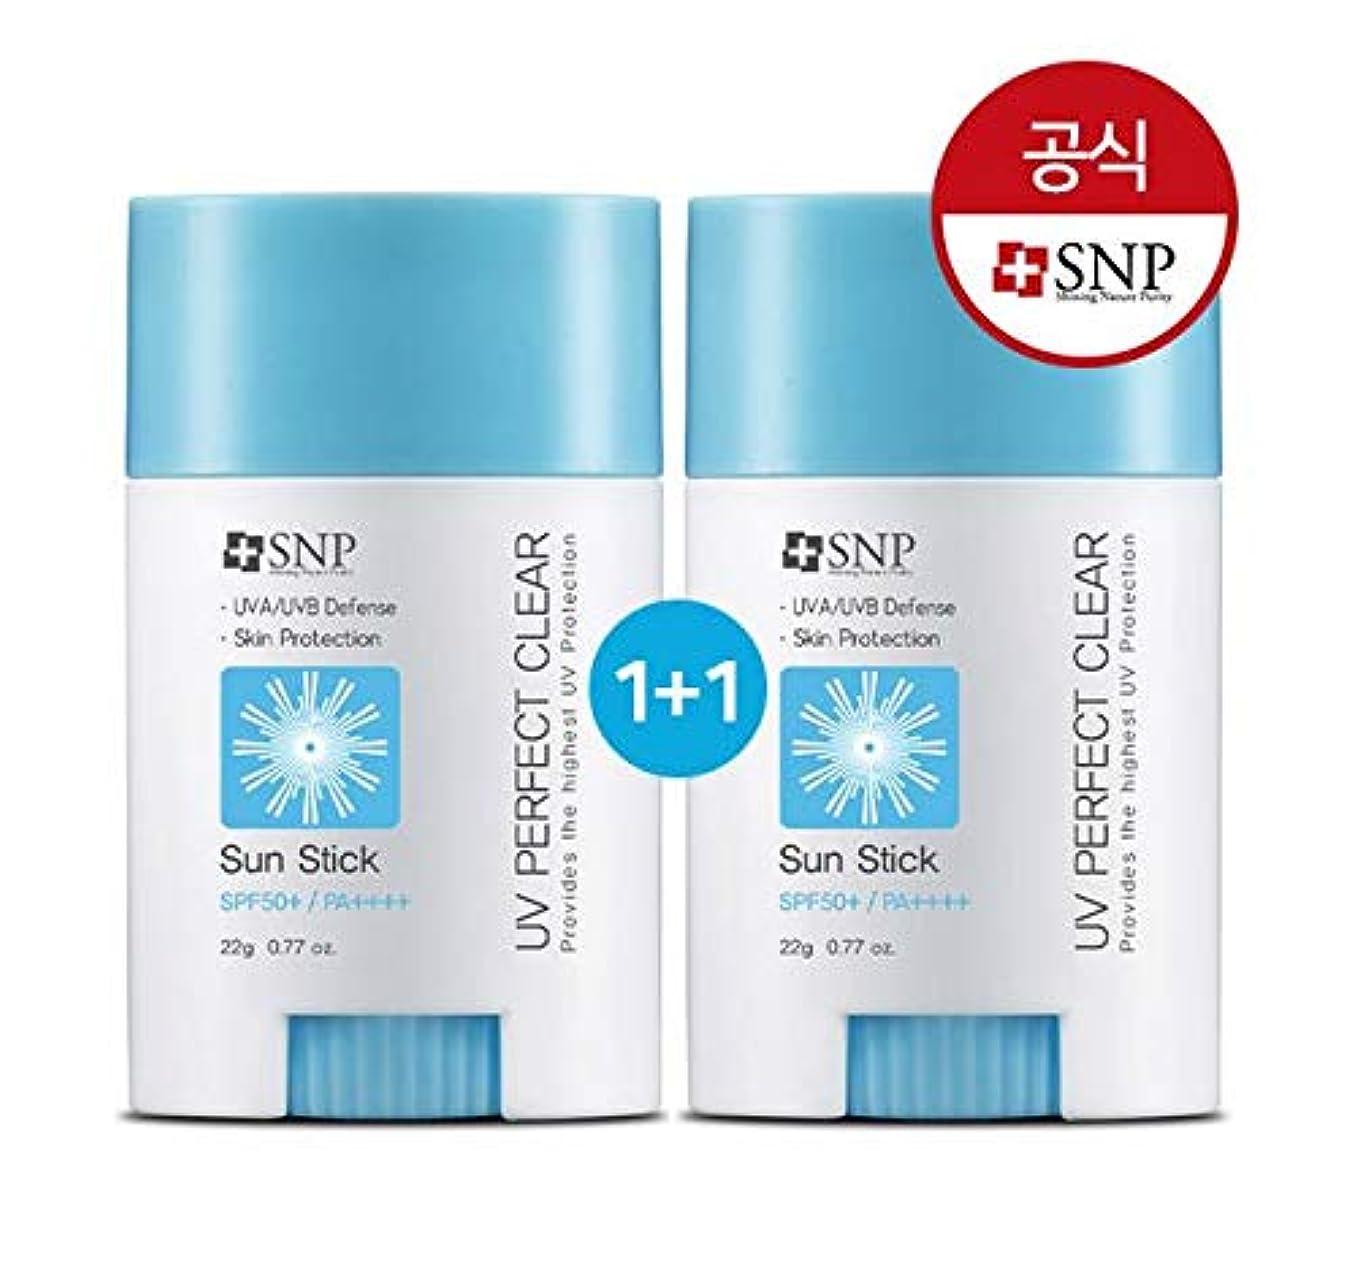 連結するアライメント公平な[ 1 + 1 ] エスエンピ(SNP) UV パーフェクト クリア 日焼け止めスティック22g (SPF50+ PA++++) / UV PERFECT CLEAR SUN STICK/韓国日焼け止め